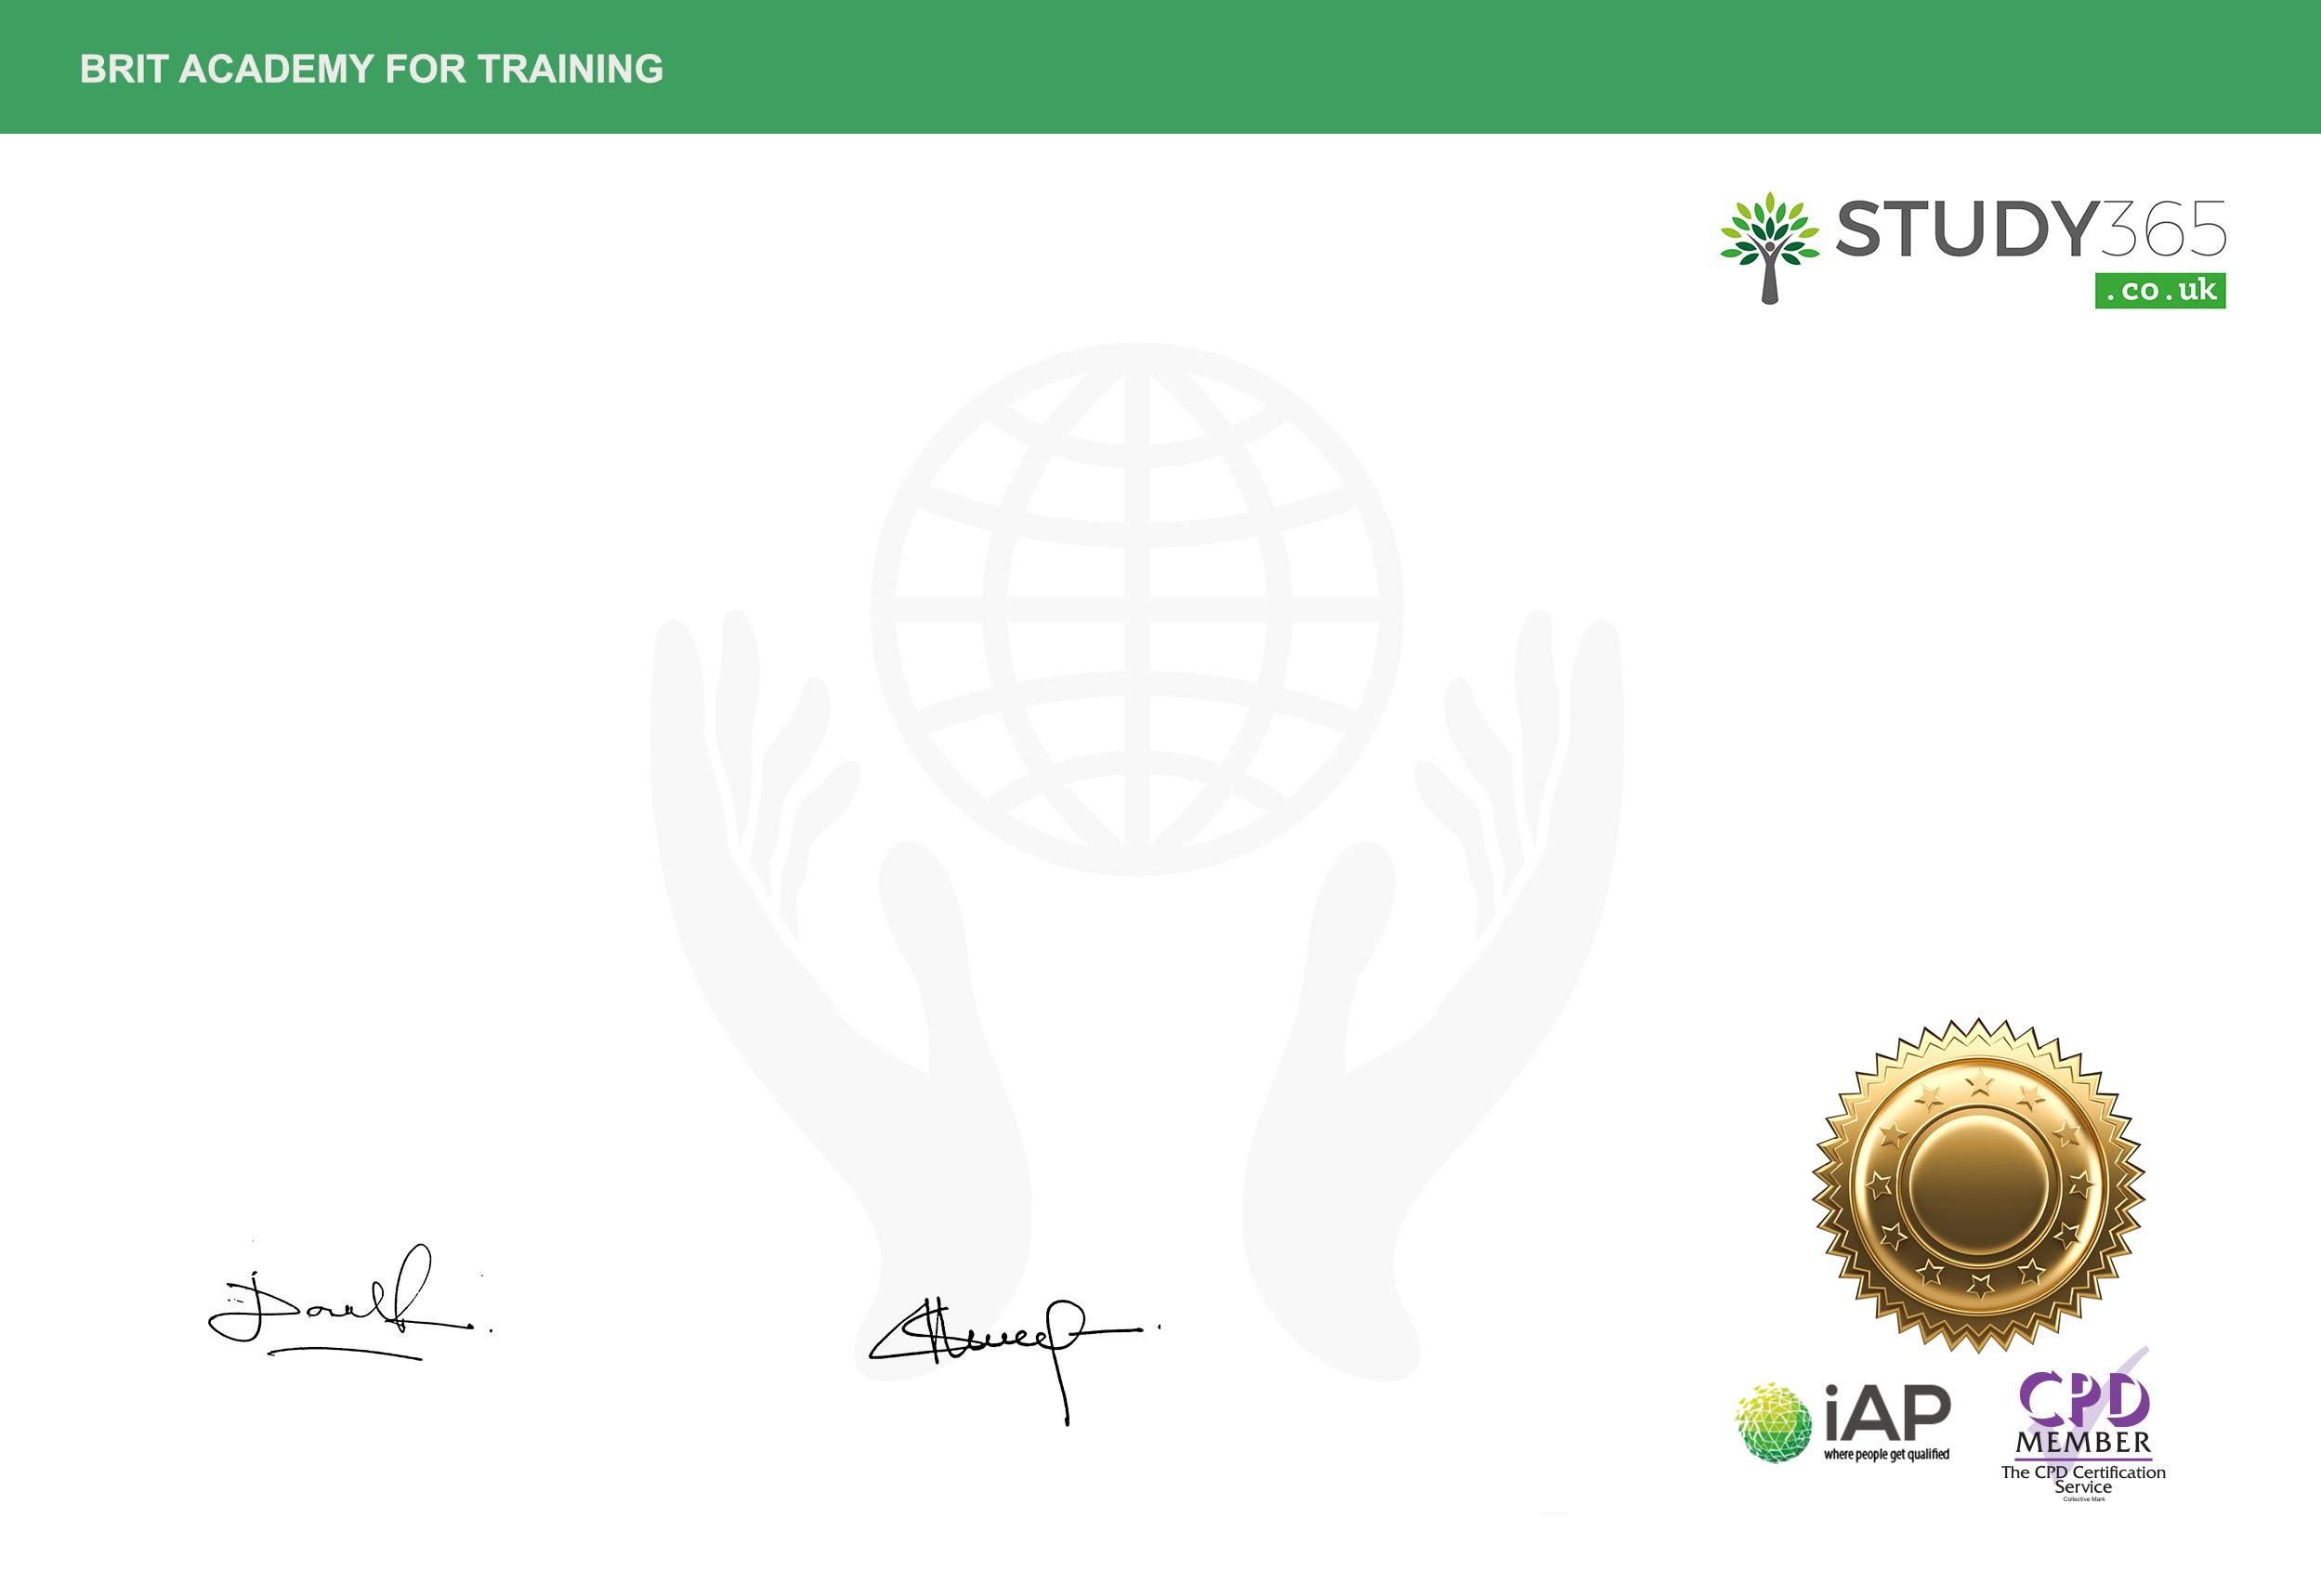 Certificate In Legal Secretary Study 365